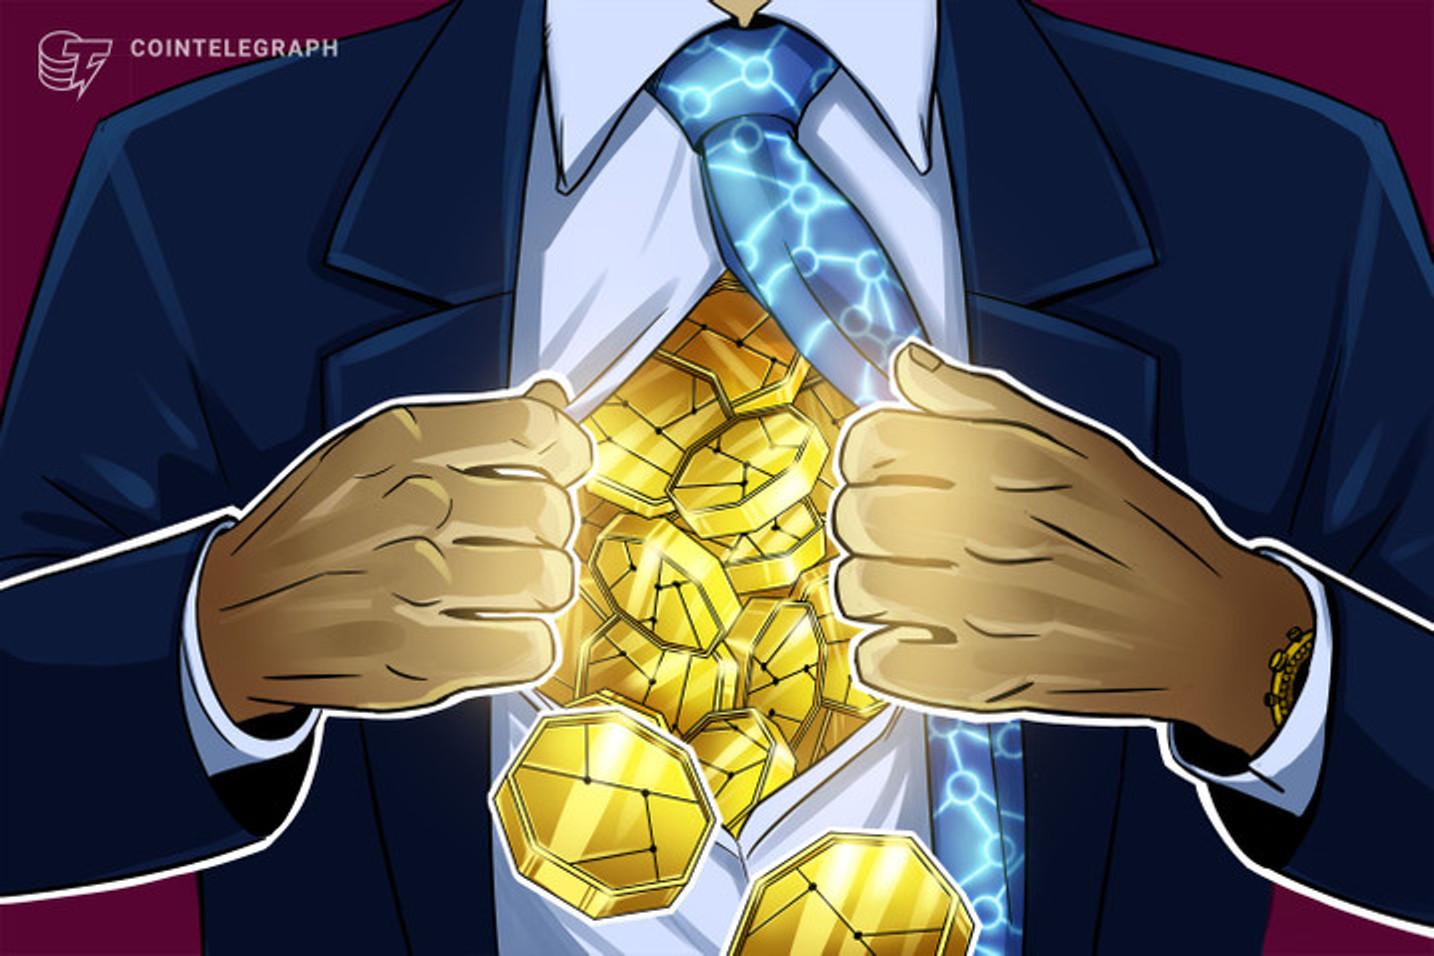 Gate.io quemó más de 21 millones de dólares en el token GT durante el segundo trimestre de 2021